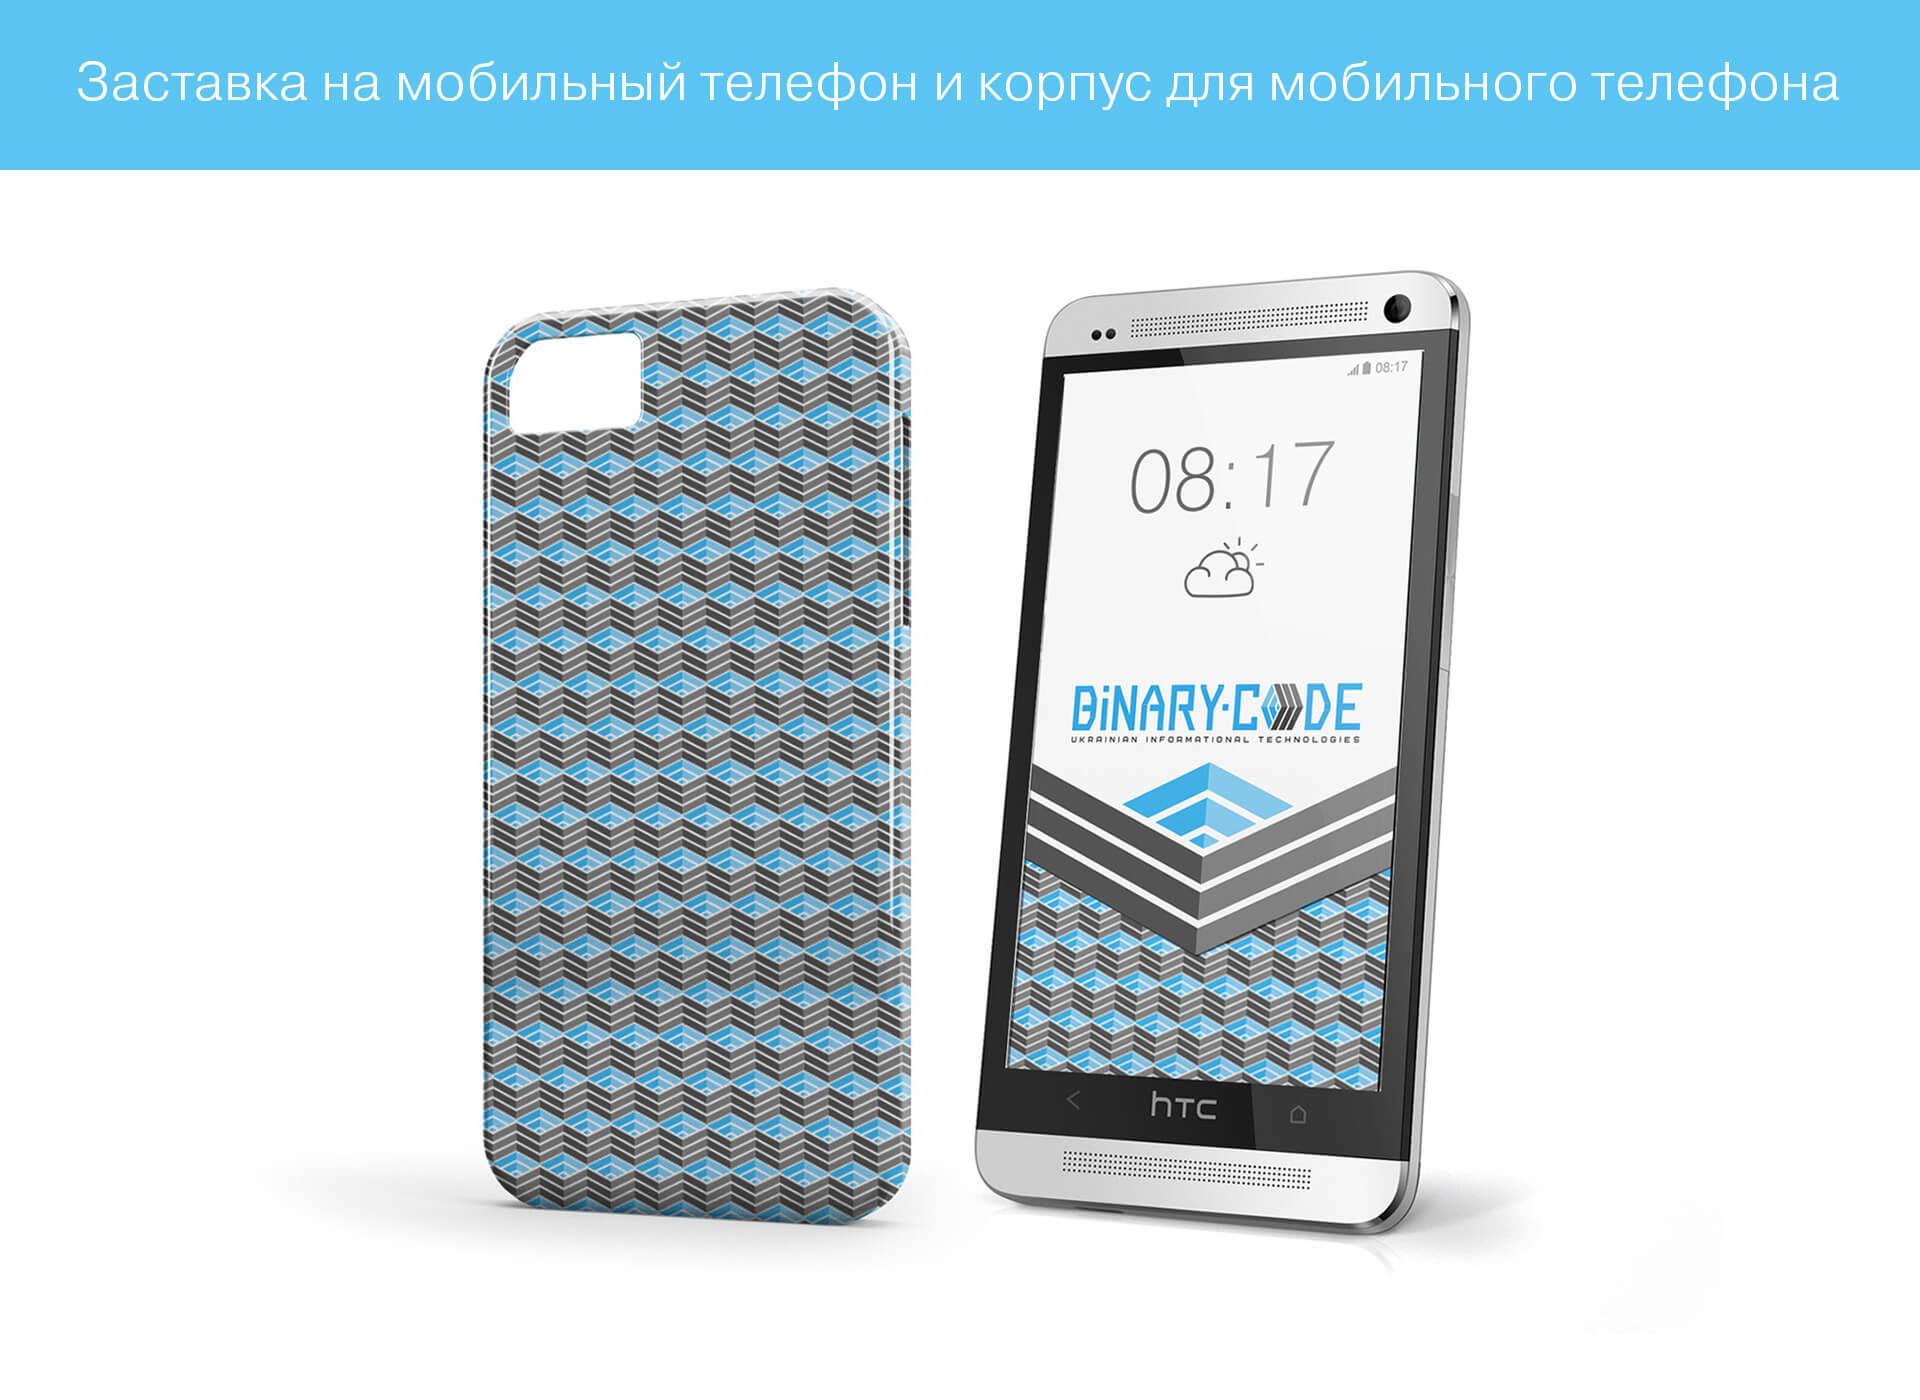 Разработка и создание дизайна заставки на мобильный телефон и чехла (брендинг) от Fantastic Imago брендиногове рекламное агентство